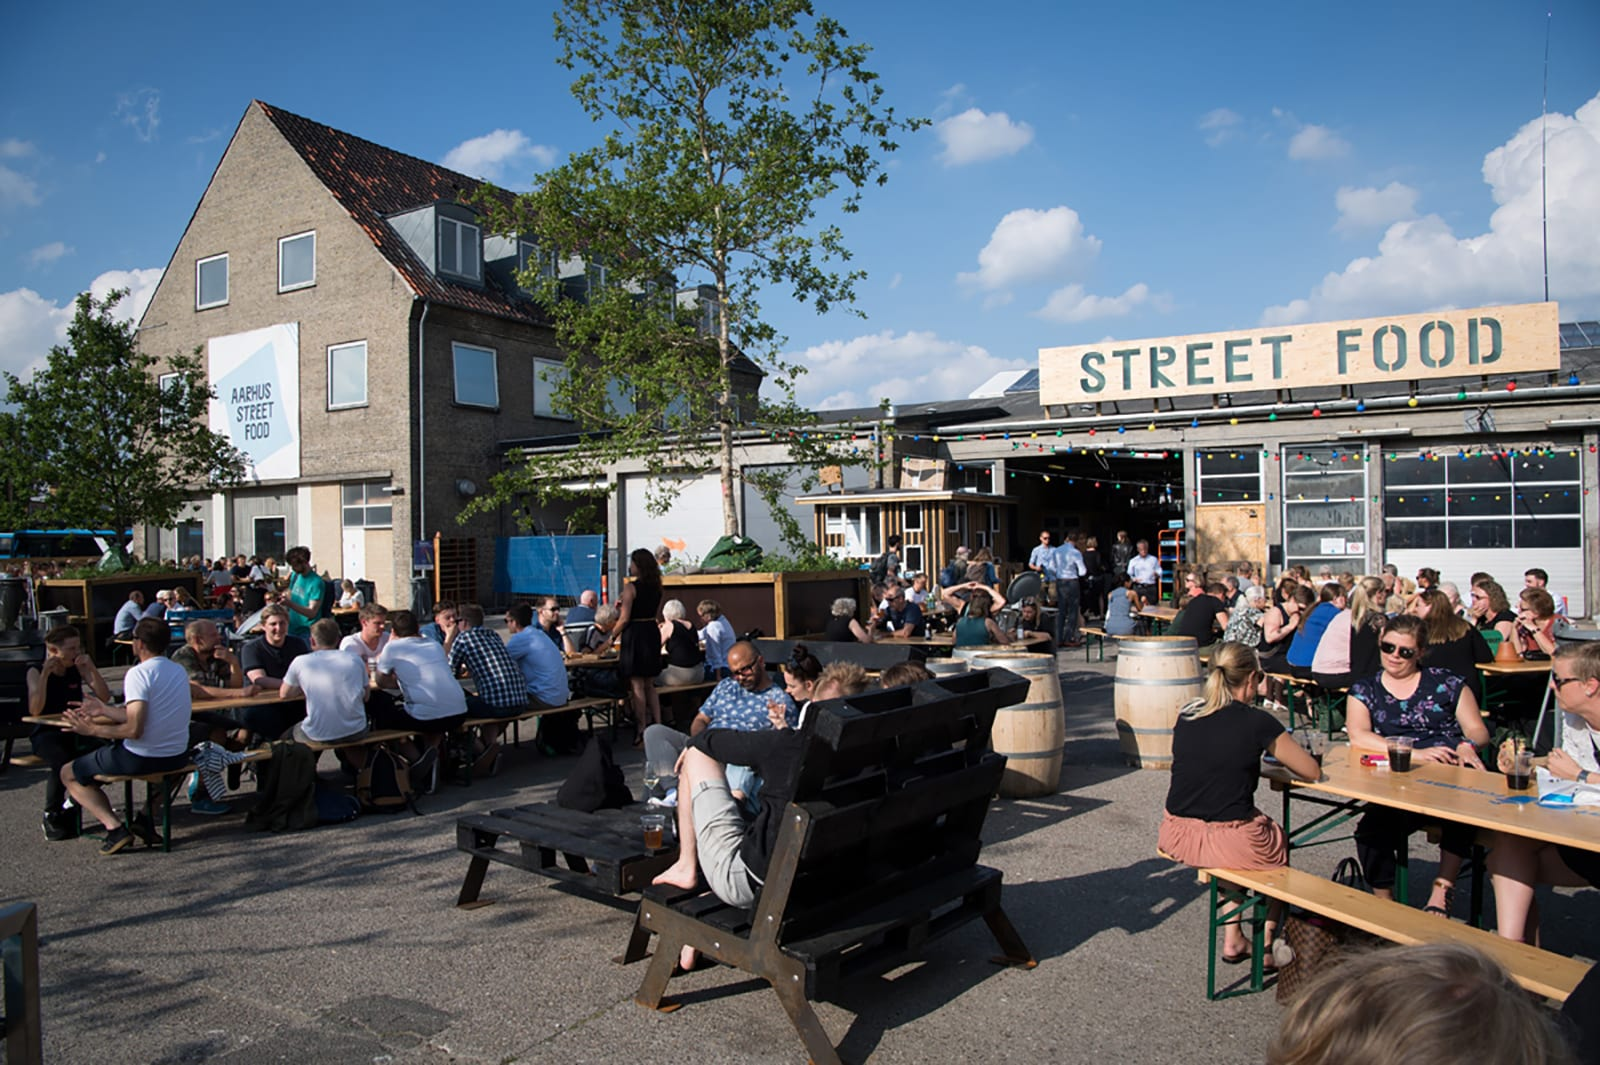 ما هي المدينة الدنماركية التي تستعد للاستيلاء على مشهد كوبنهاغن السياحي؟